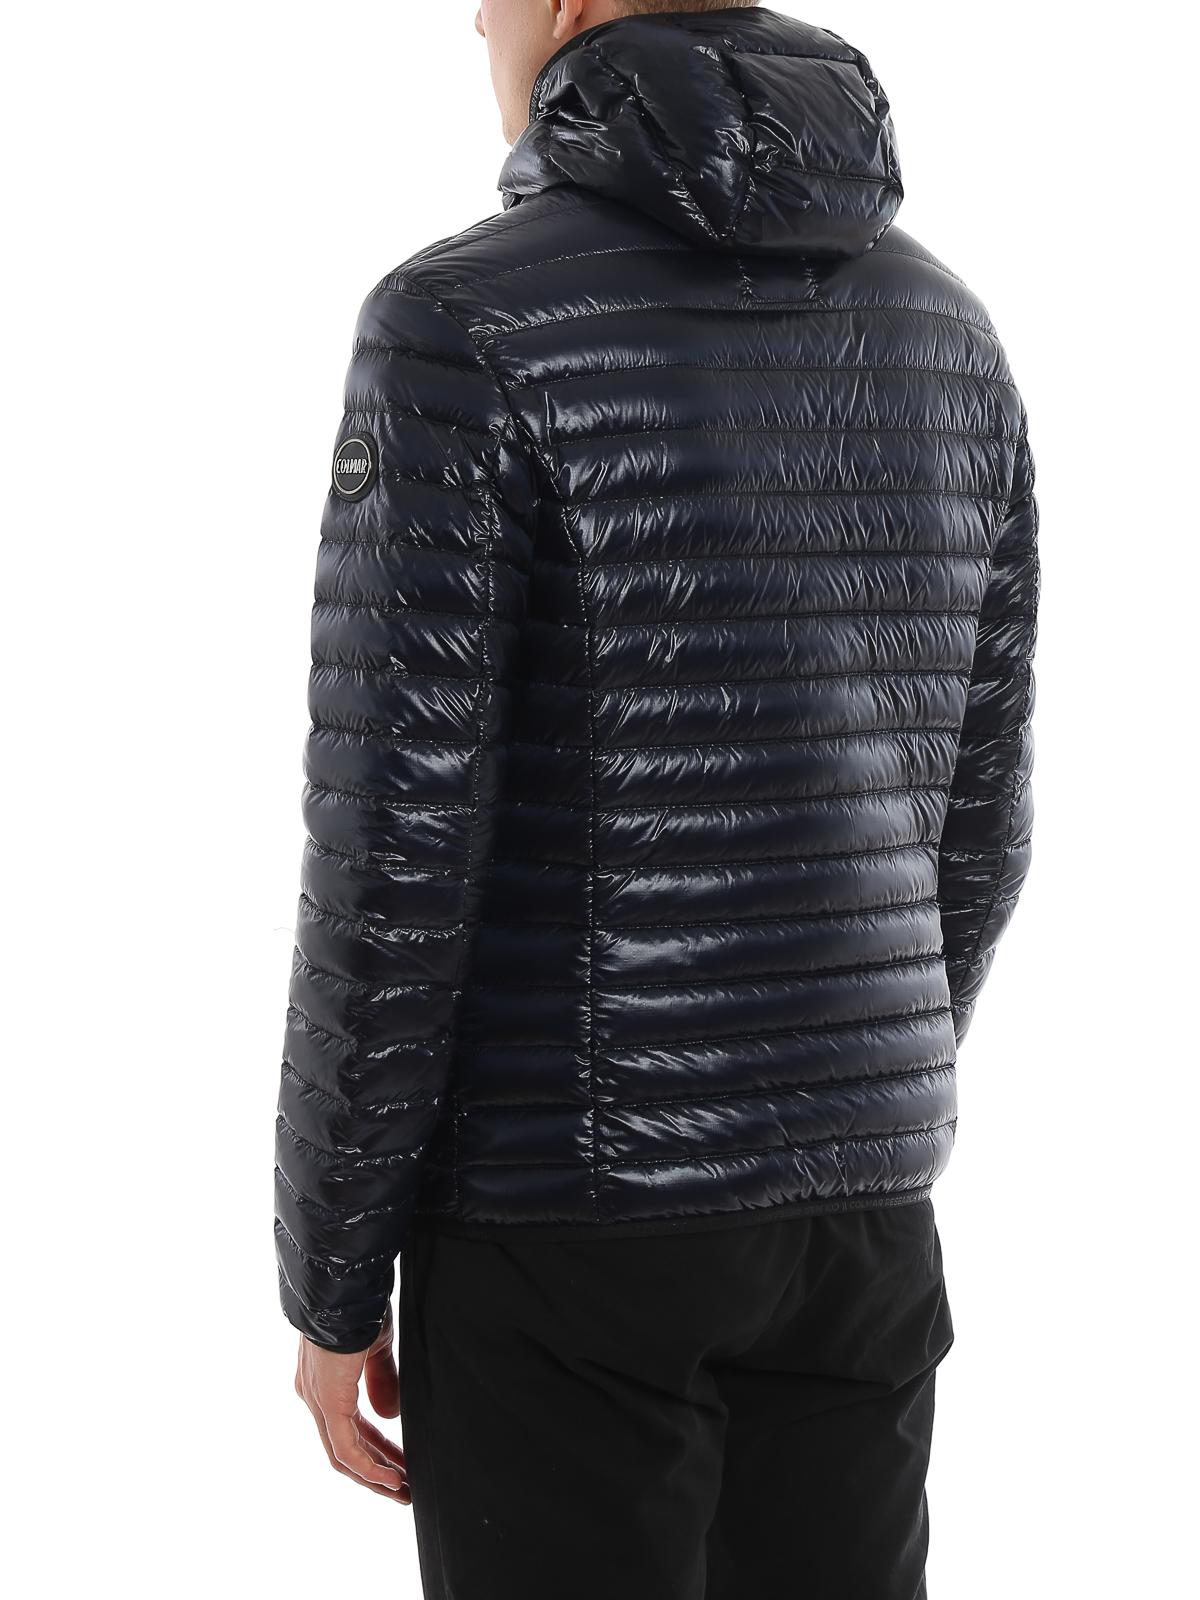 Colmar Originals Piumino in nylon micro Ripstop giacche